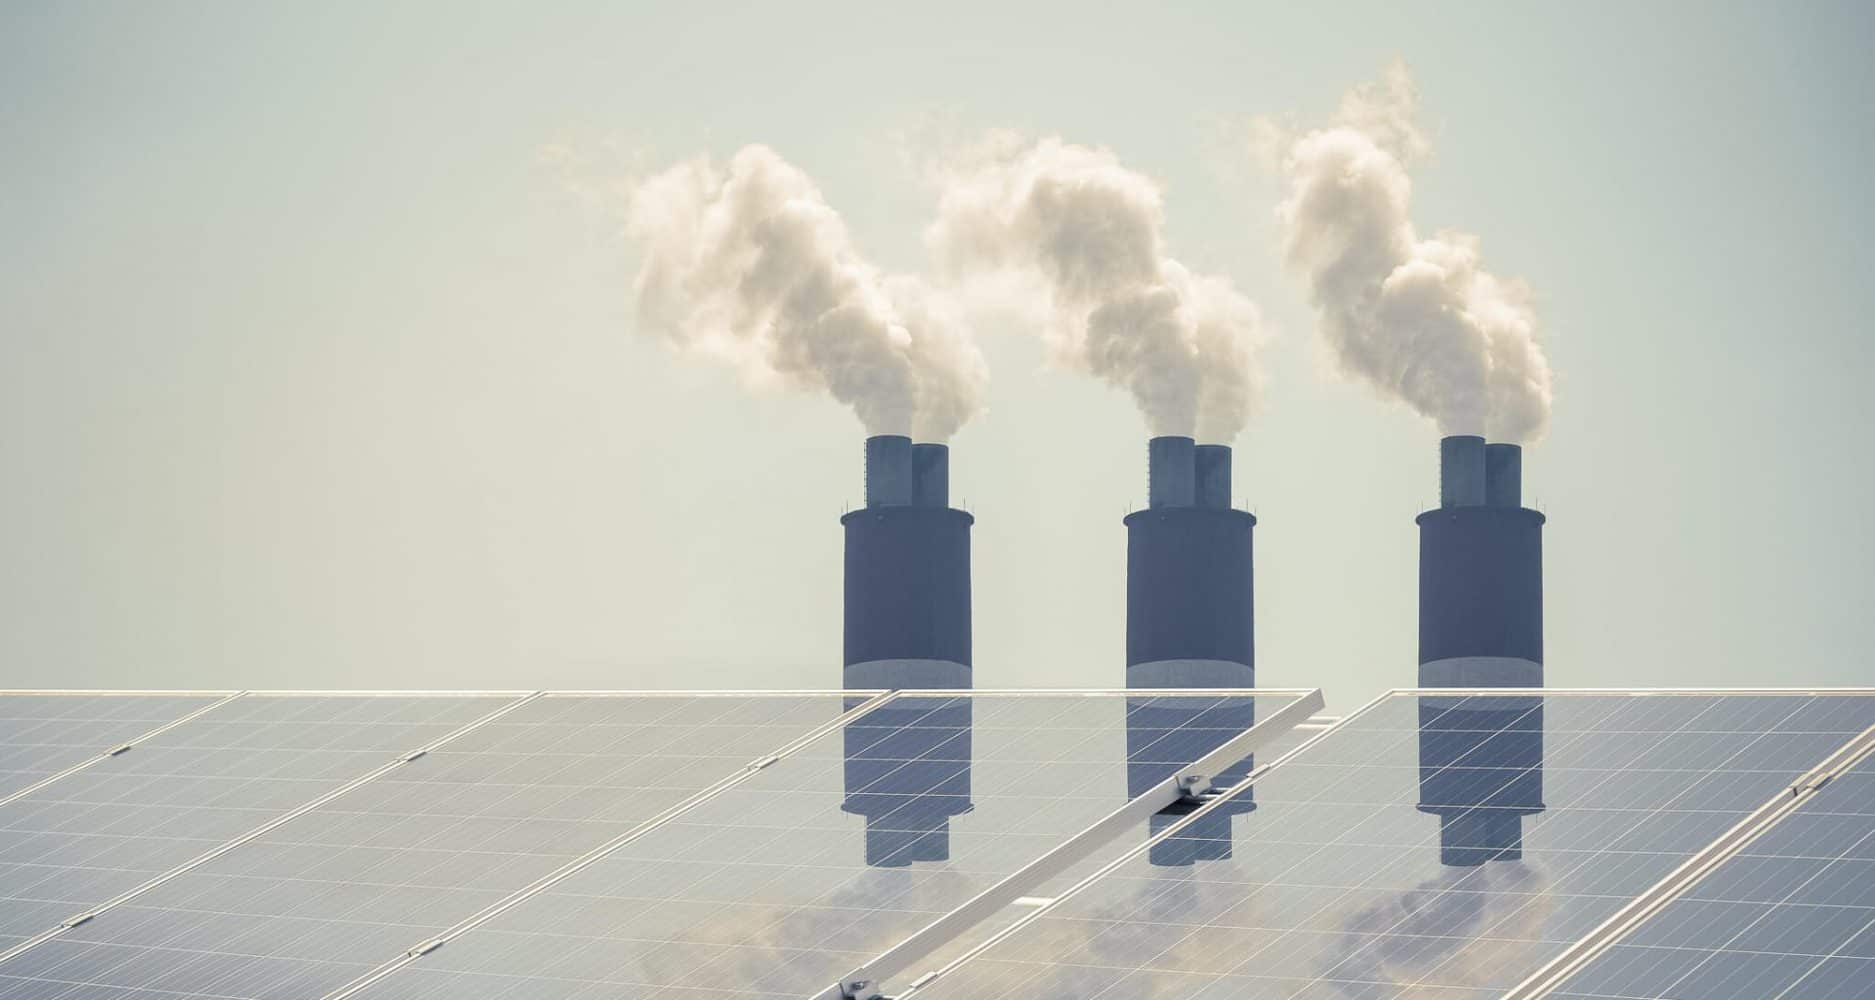 Grøn og forurenende fjernvarme i samme billede